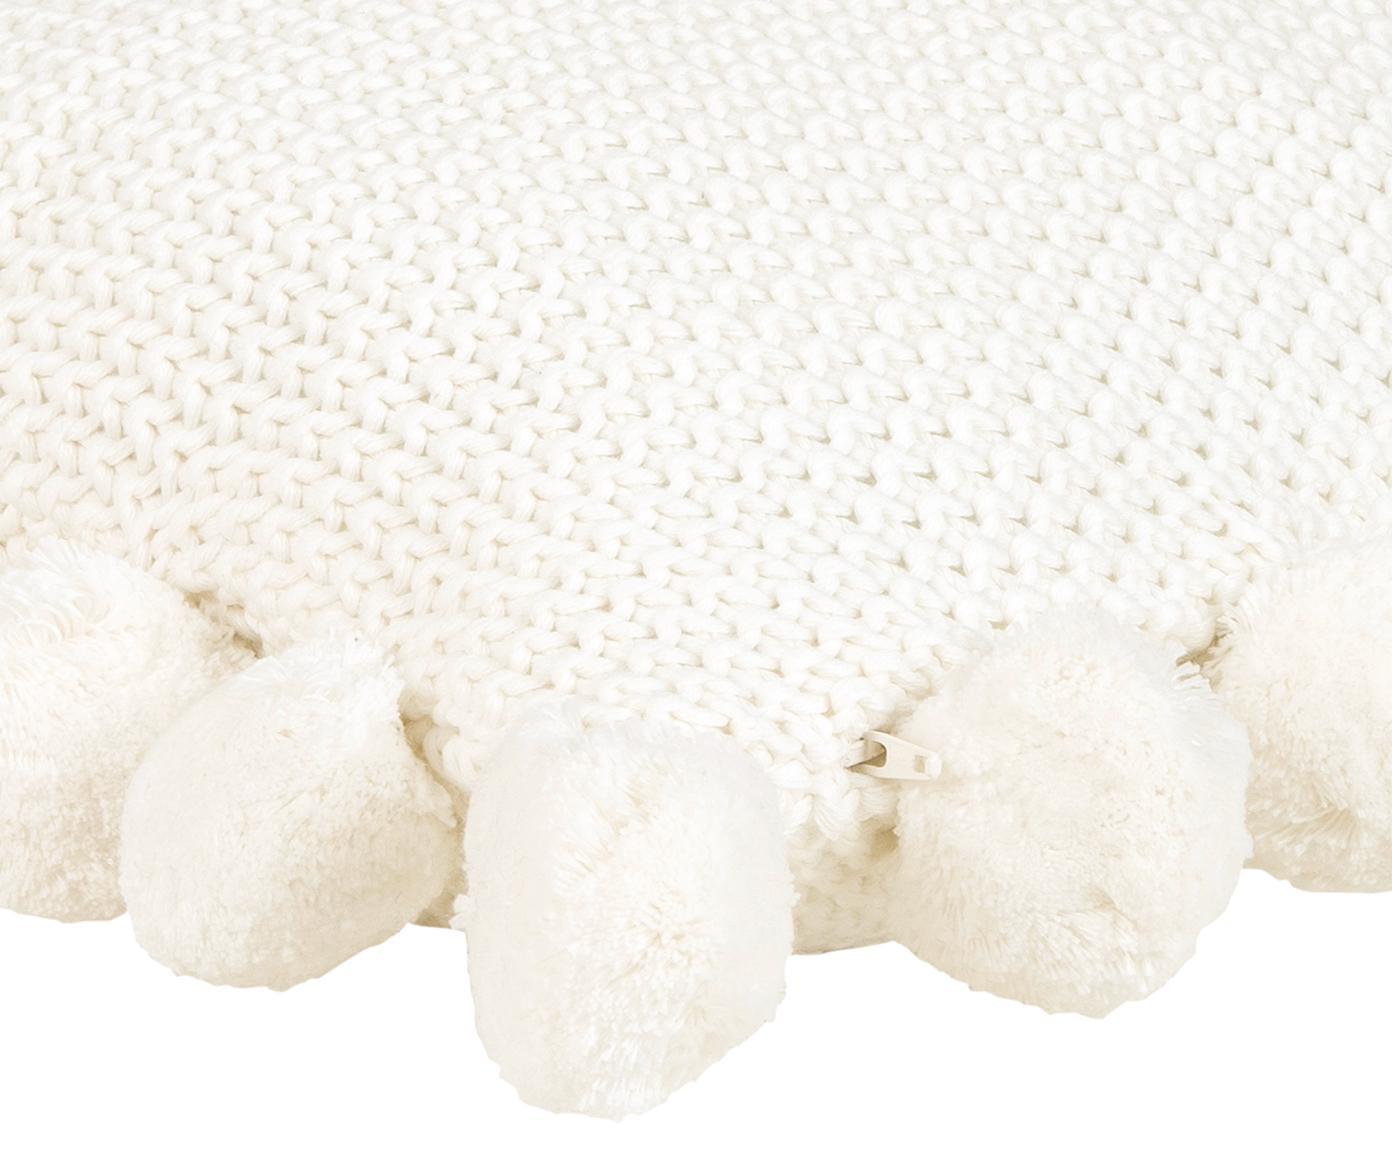 Strick-Kissenhülle Molly mit Pompoms, Baumwolle, Cremeweiß, 40 x 40 cm